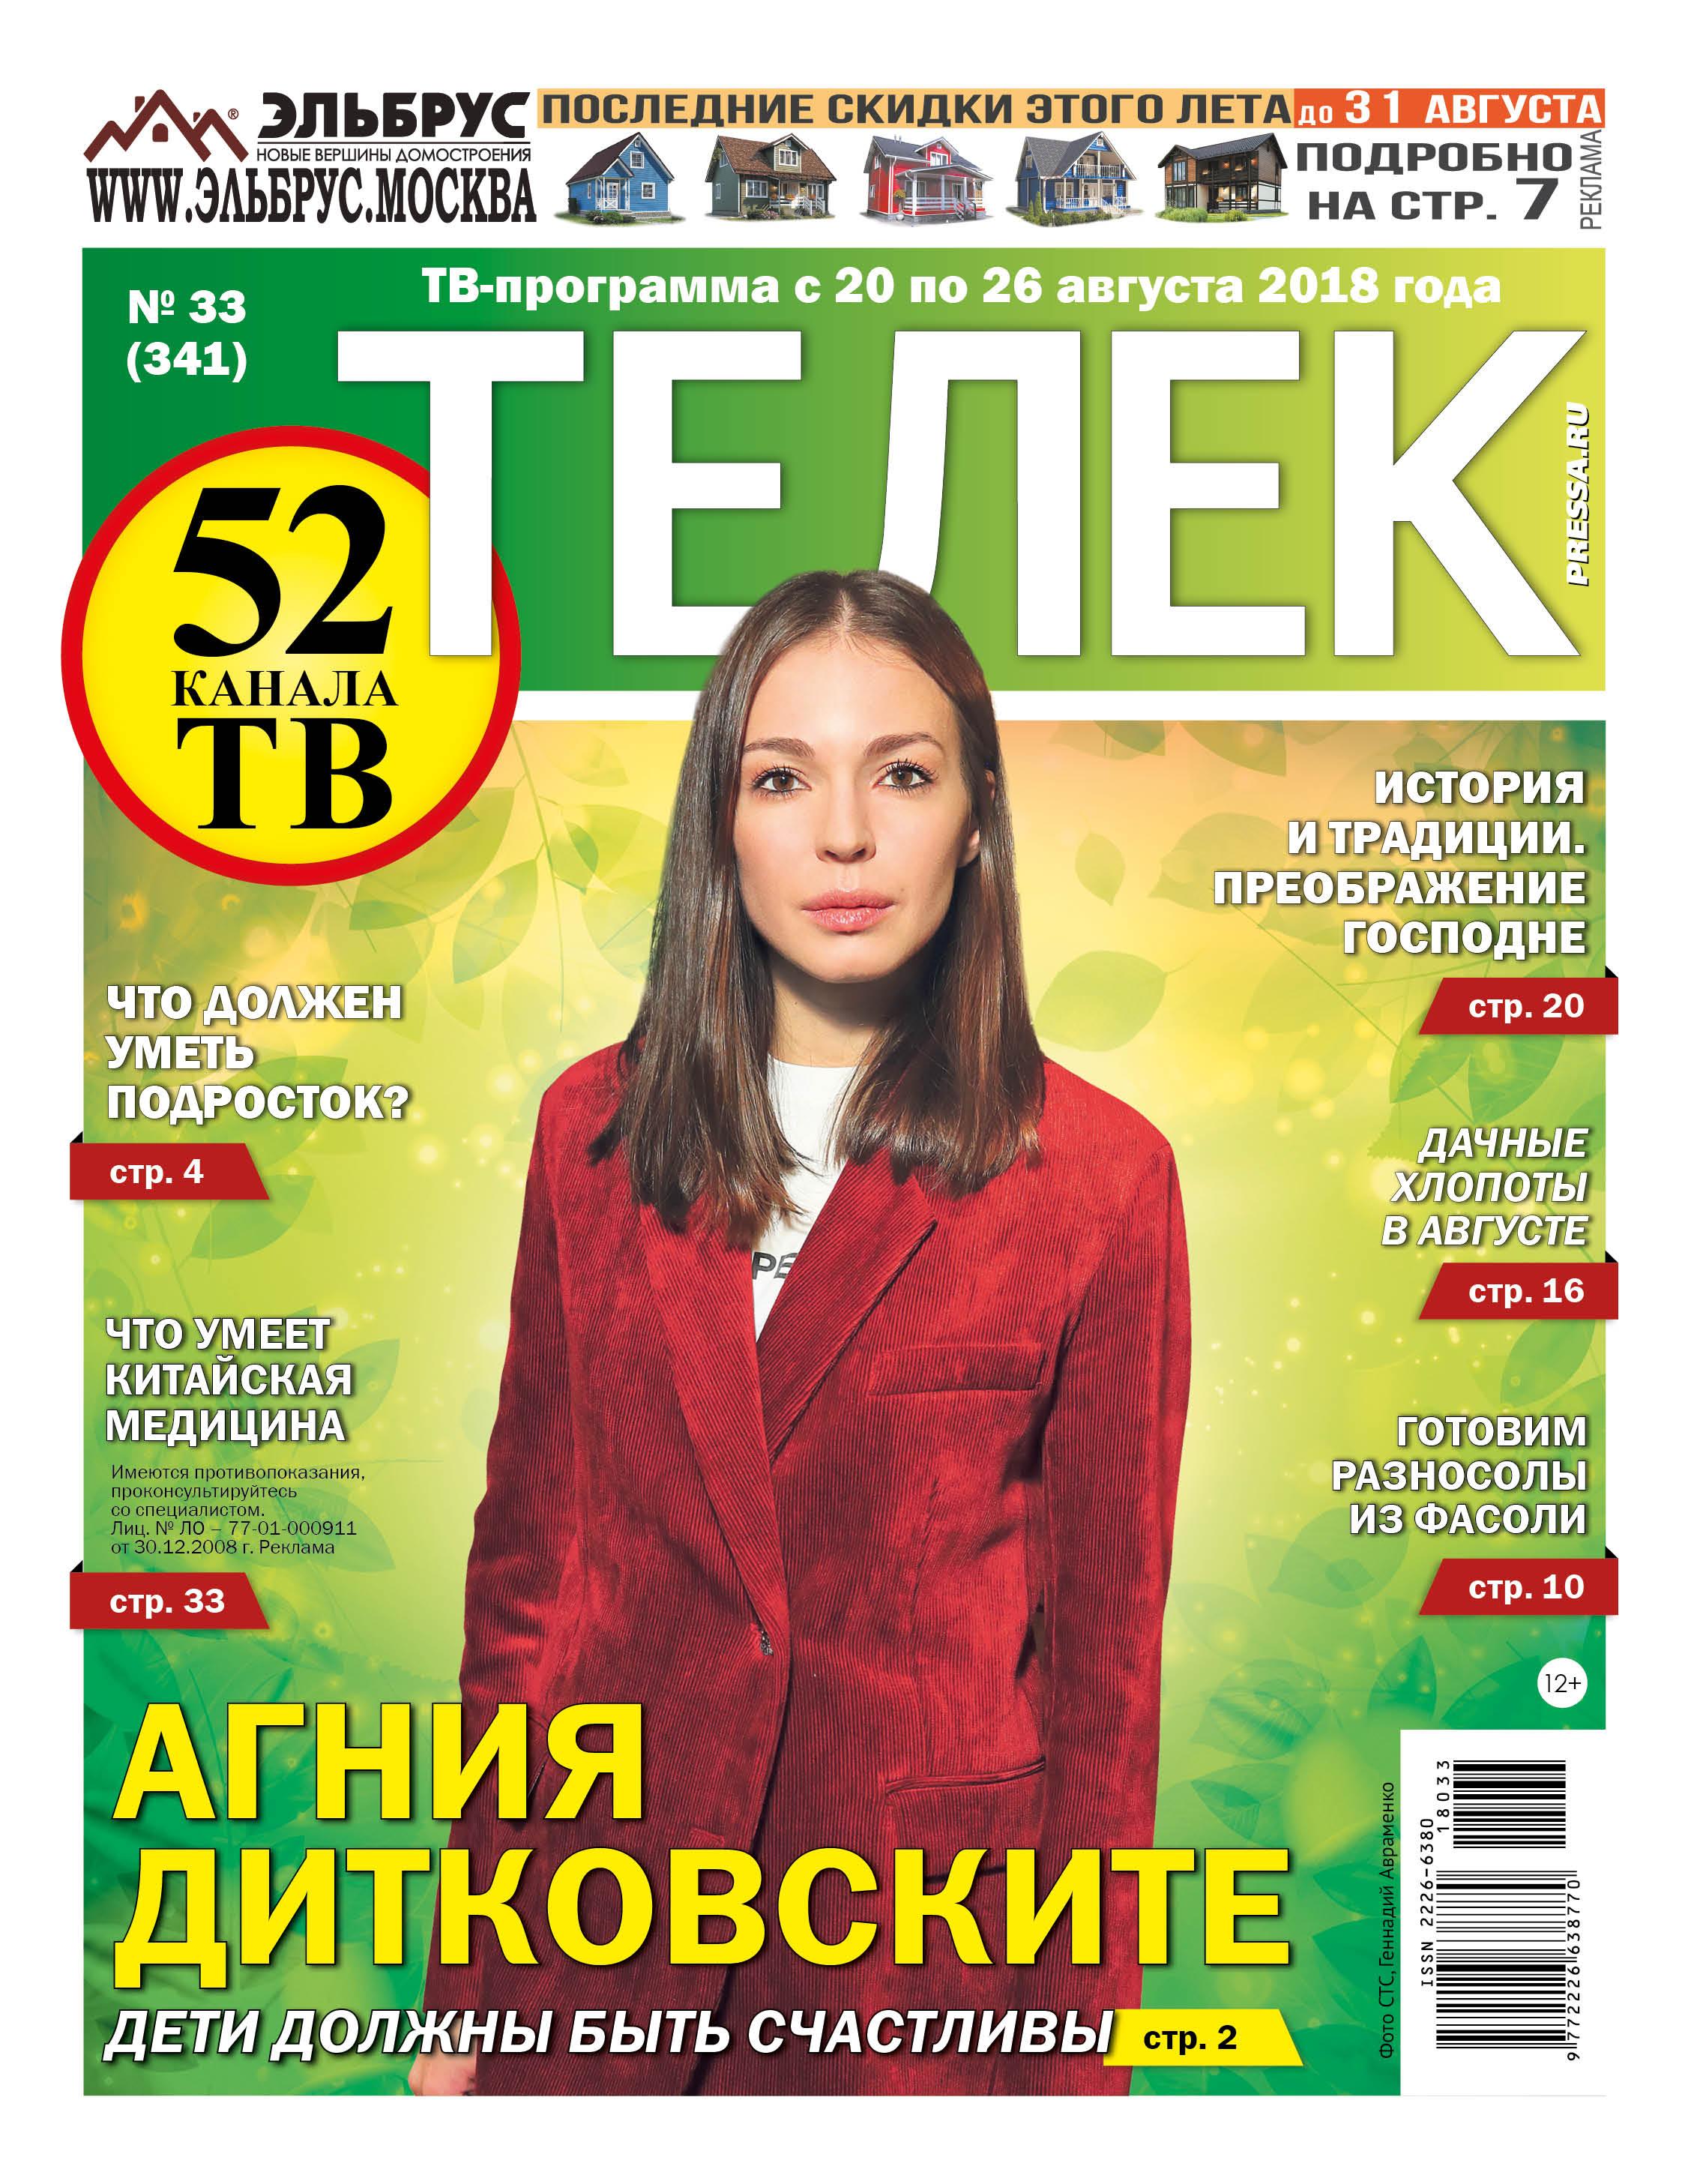 №33 (341) Агния Дитковските